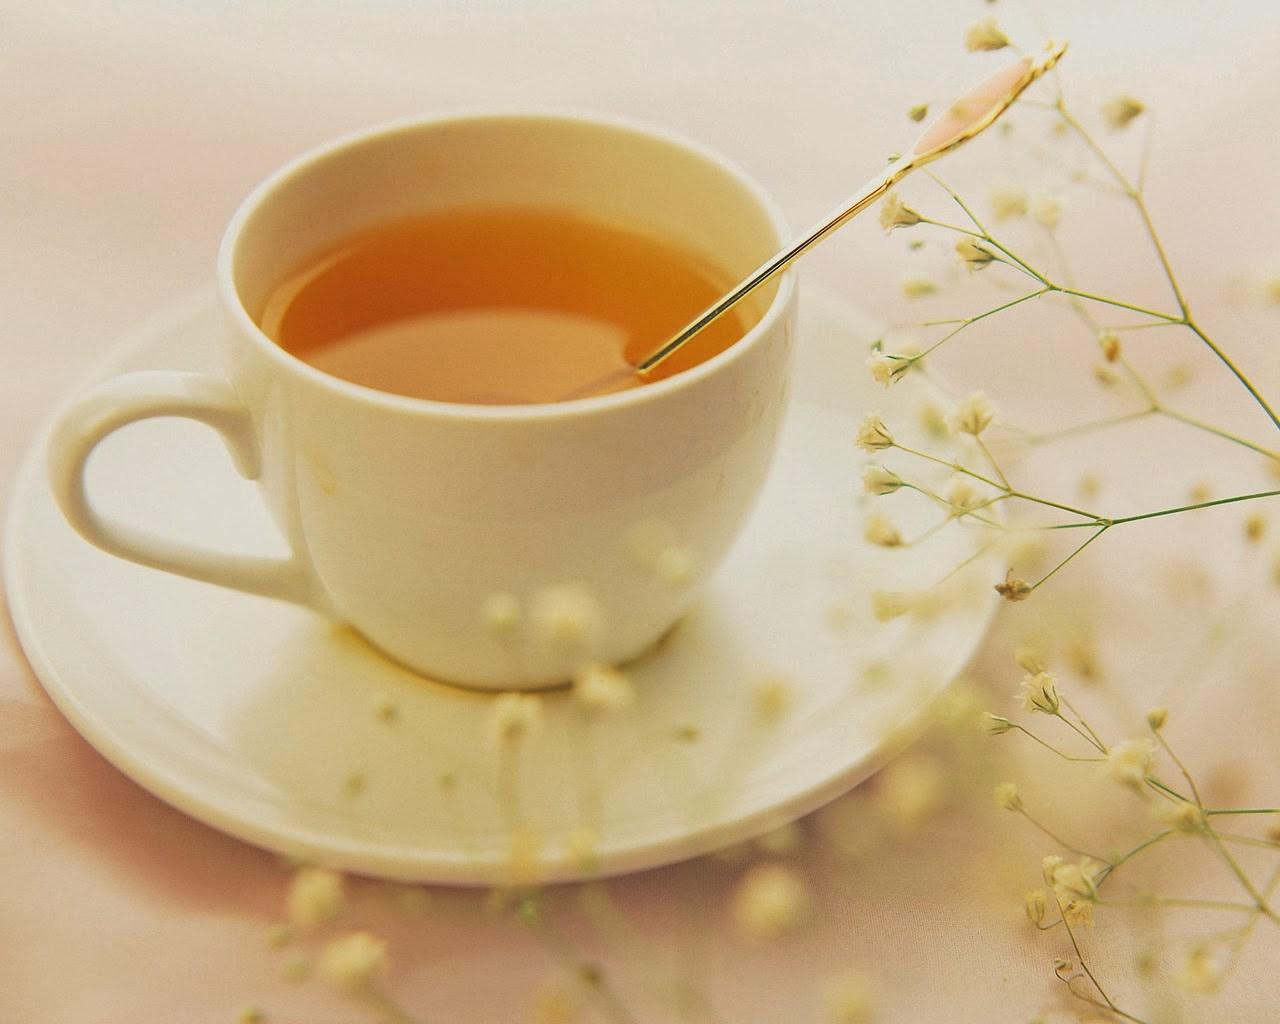 Phòng cảm lạnh mùa mưa: Mỗi ngày uống một ly hỗn hợp này giúp tăng cường miễn dịch, bảo vệ sức khỏe - Ảnh 3